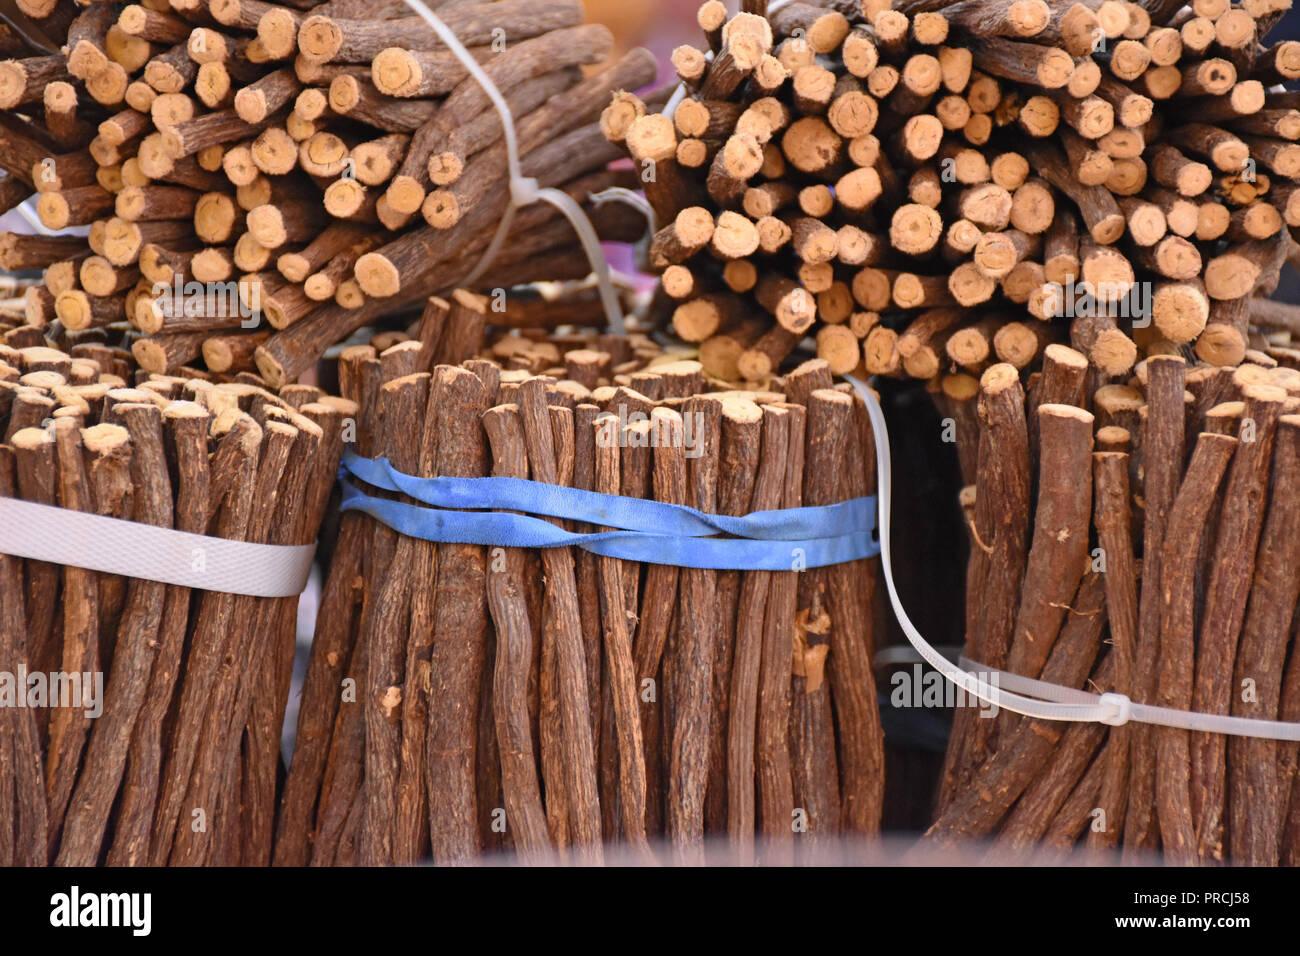 Exposure of liquorice roots. Stock Photo